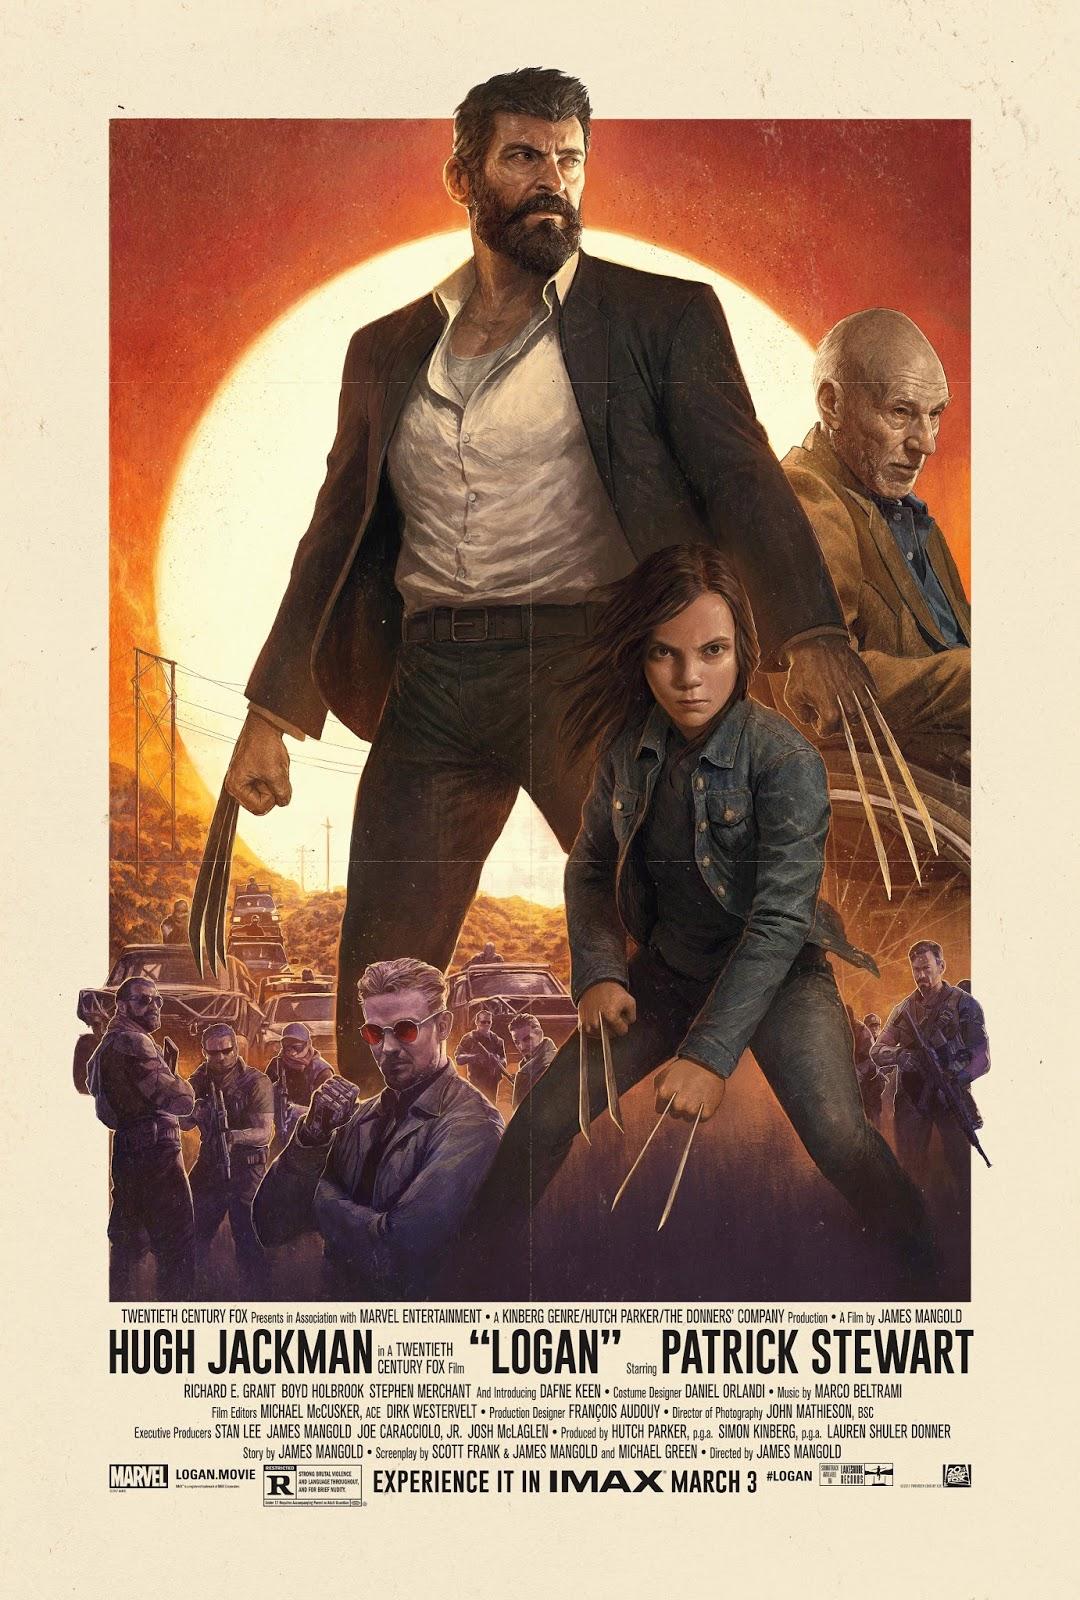 Логан, Росомаха 3, Logan, Wolverine 3, Люди Икс, X-Men, постер, poster